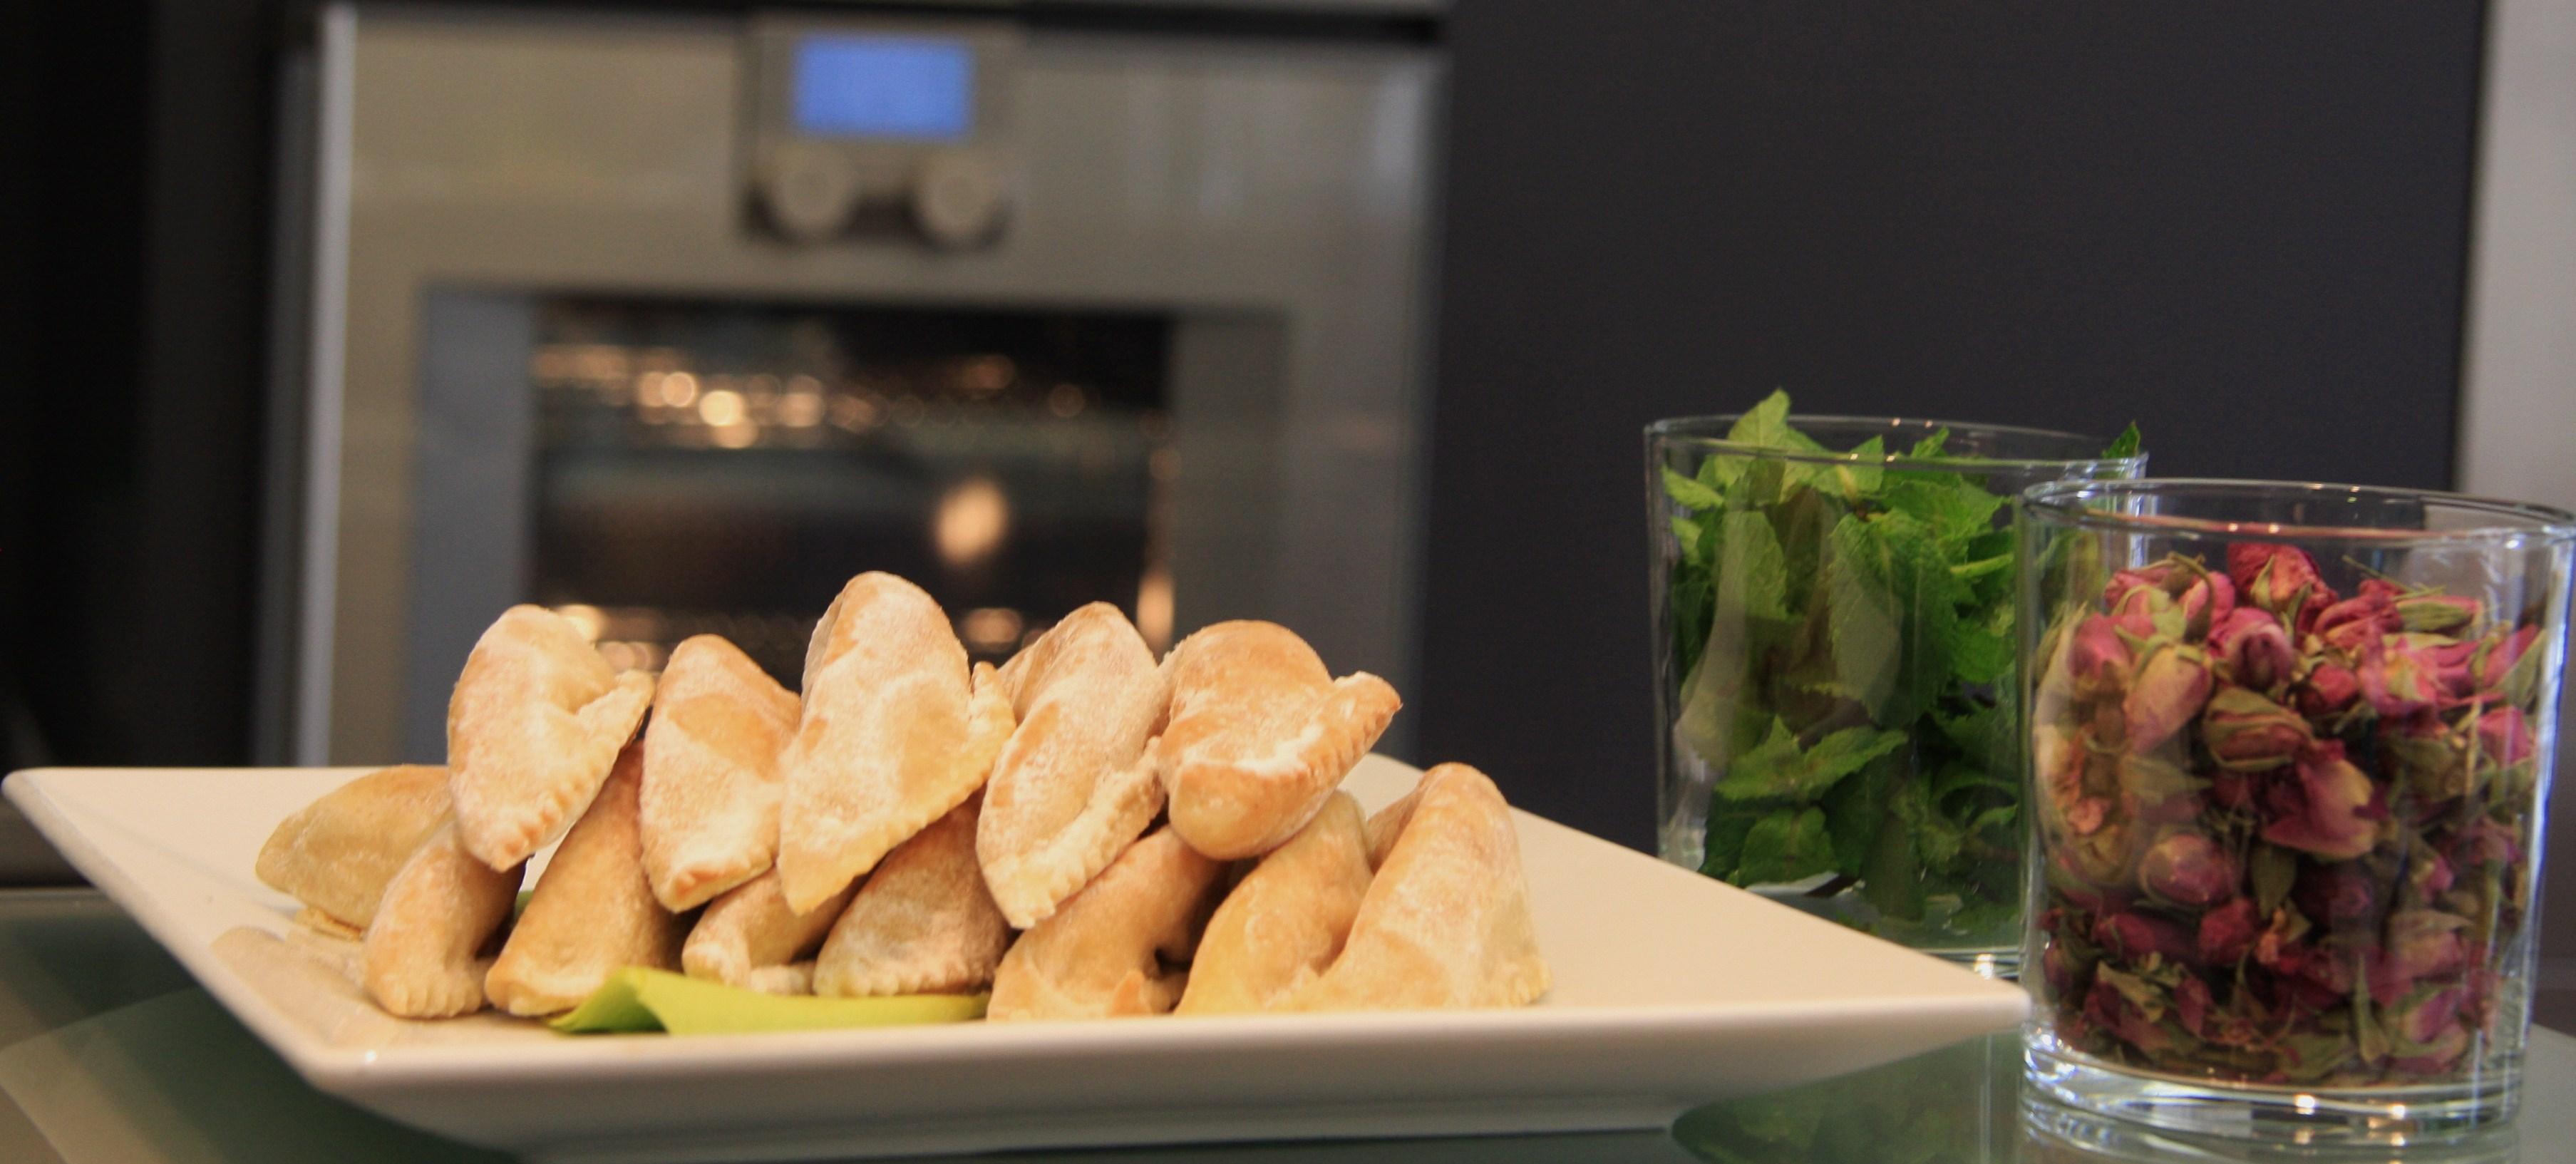 La recette du jeudi : Cornes de gazelle aux graines de sésame par Fatéma Hal